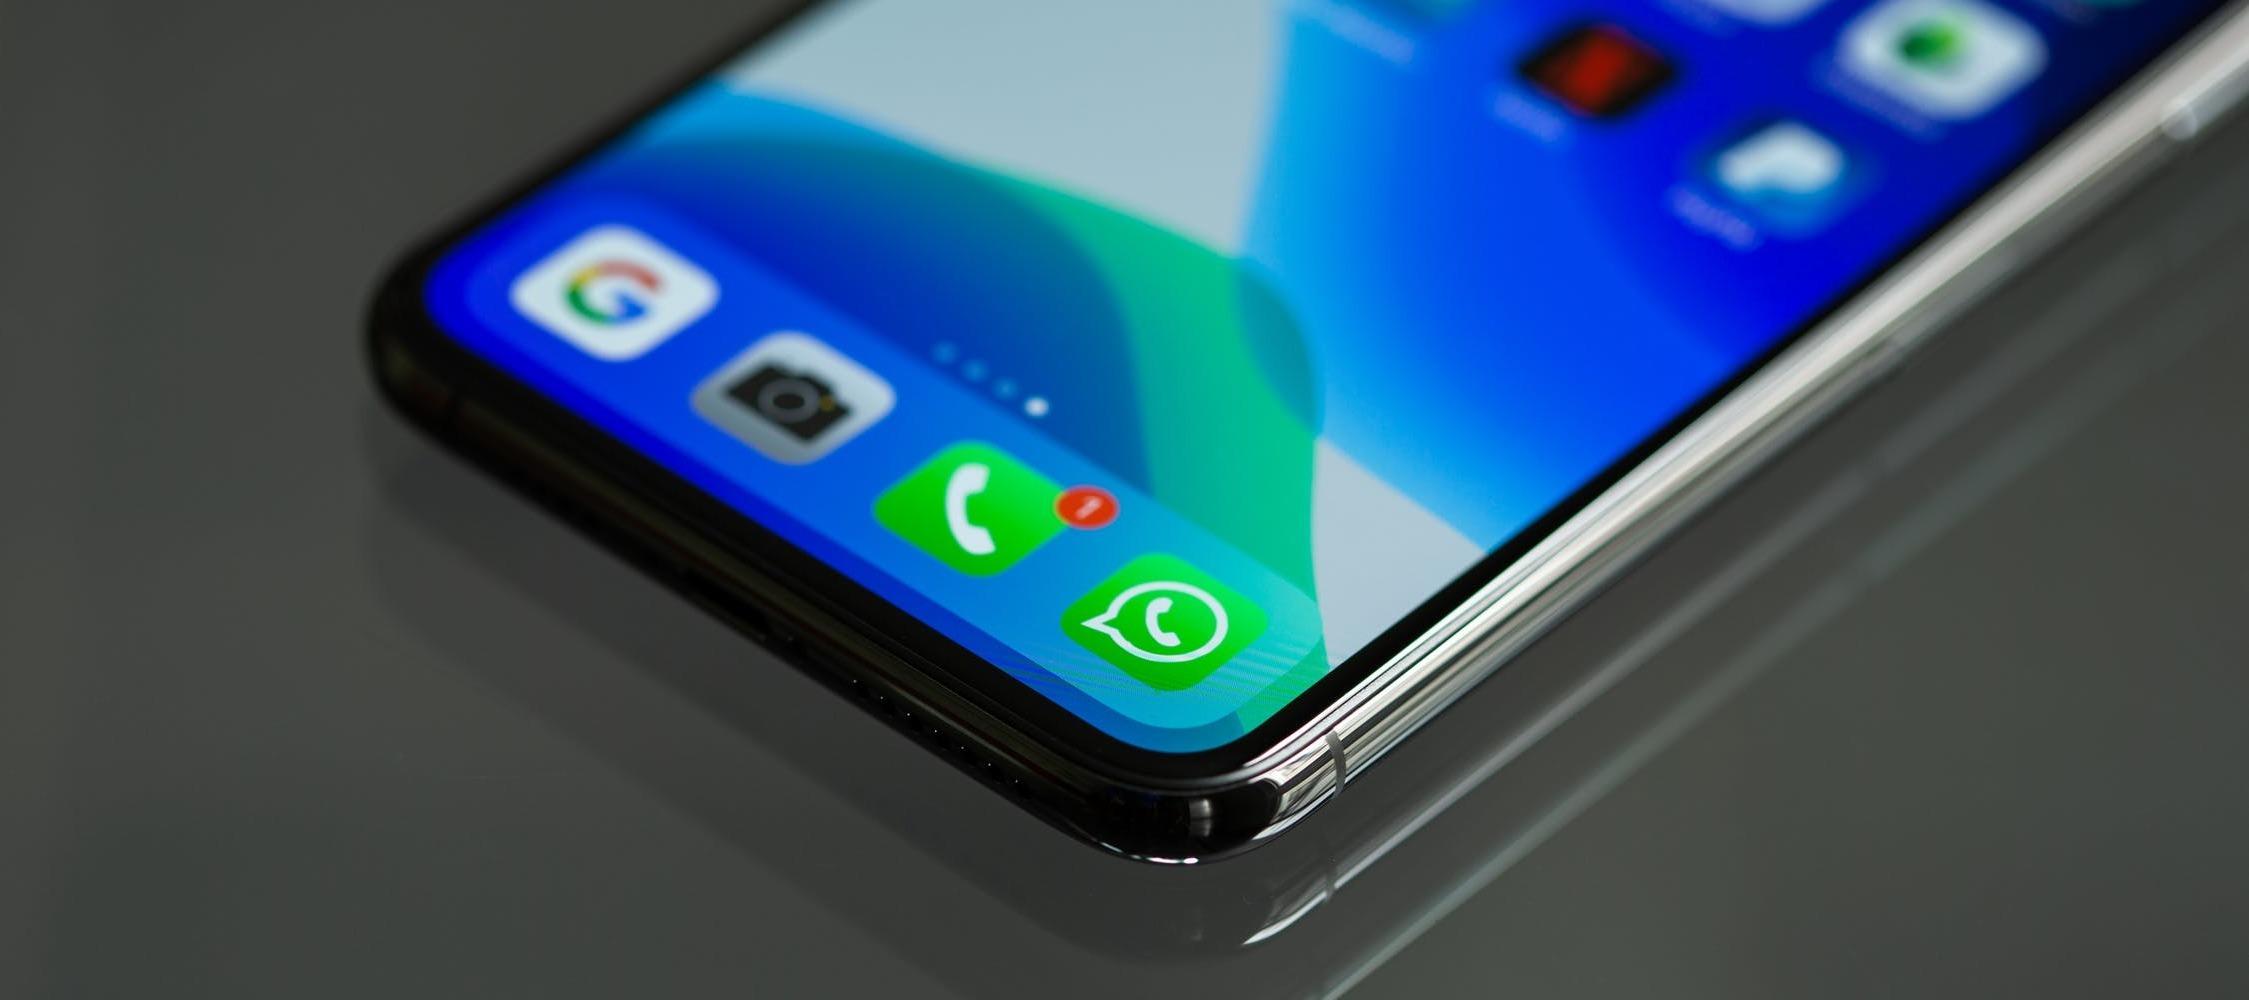 Whatsapp - Dark Mode